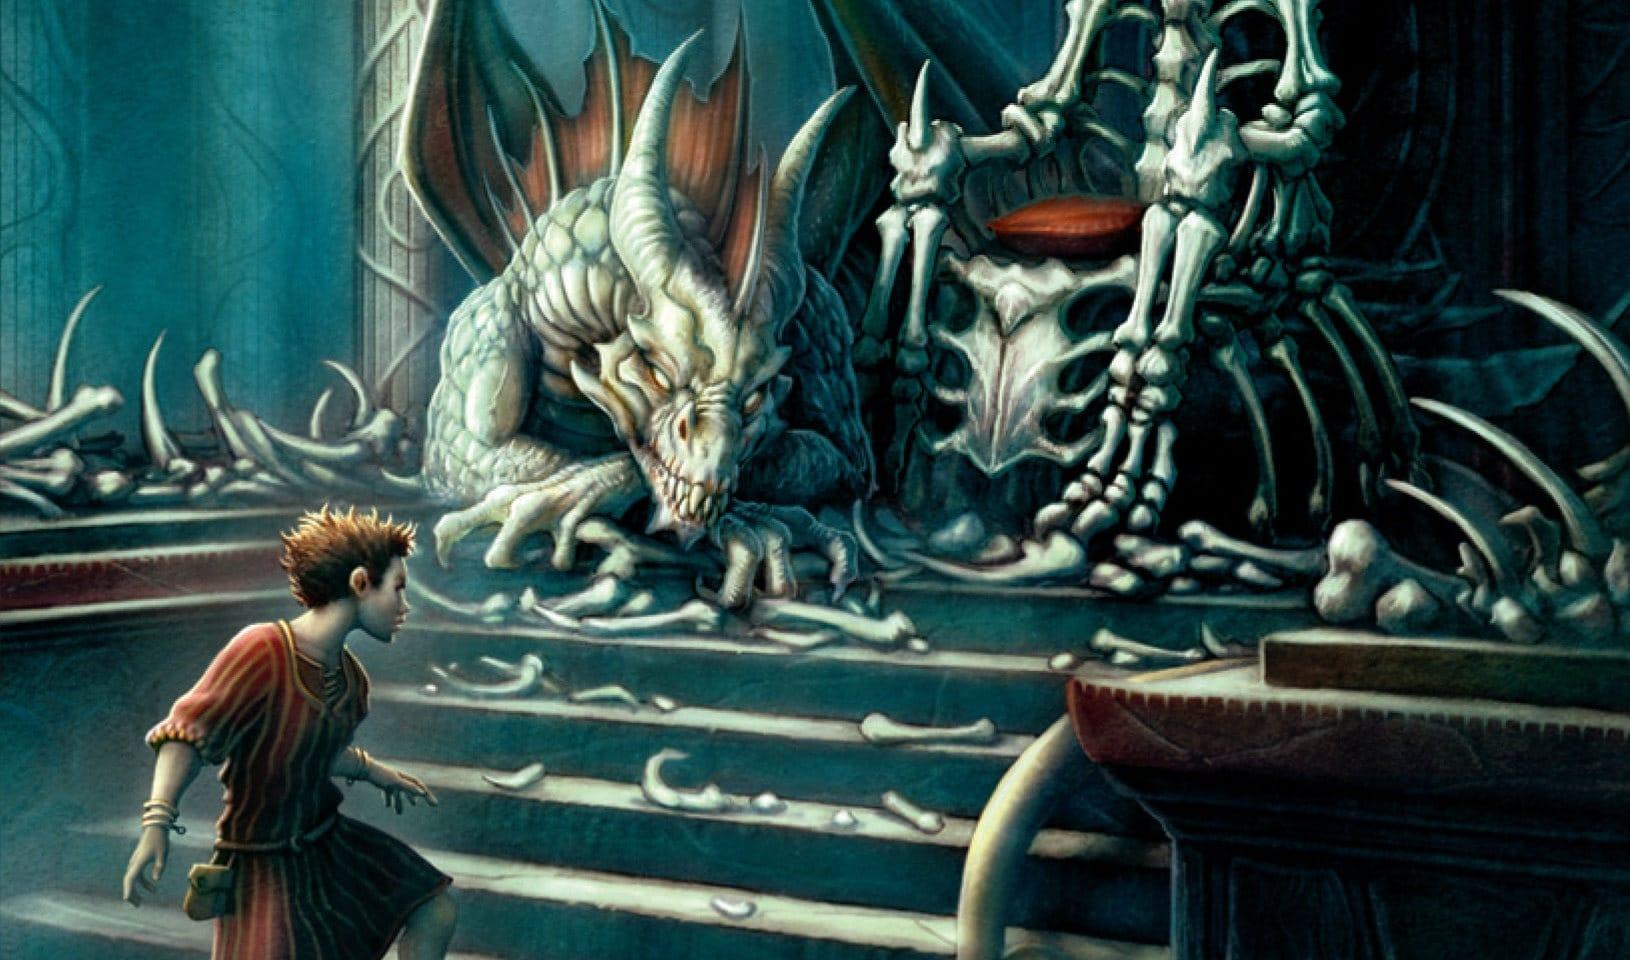 Die (angeblich) besten 30 Fantasy-Buchreihen